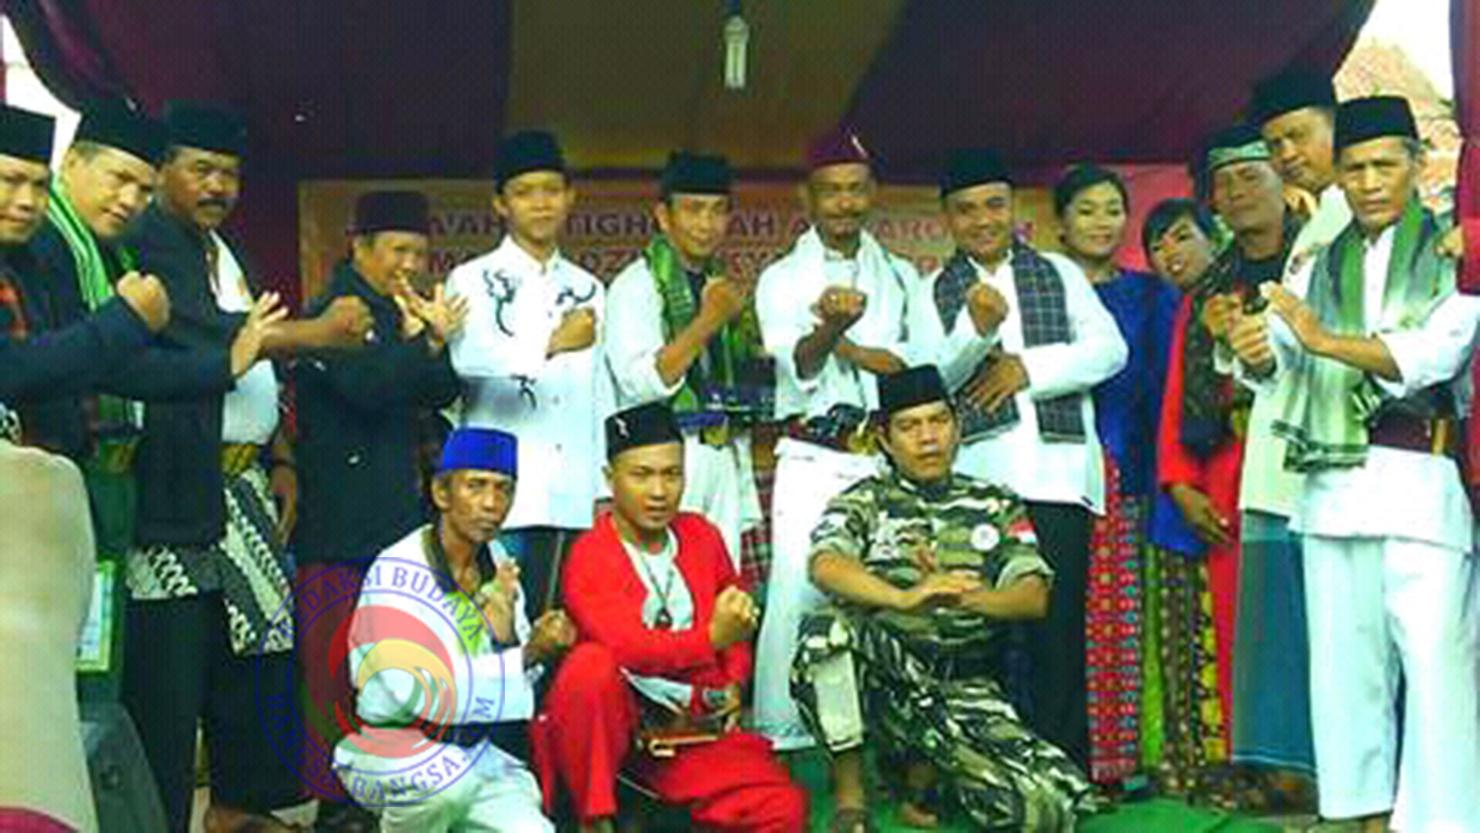 Djayadi dan Anggota Padepokan Bambu Naga Pamungkas